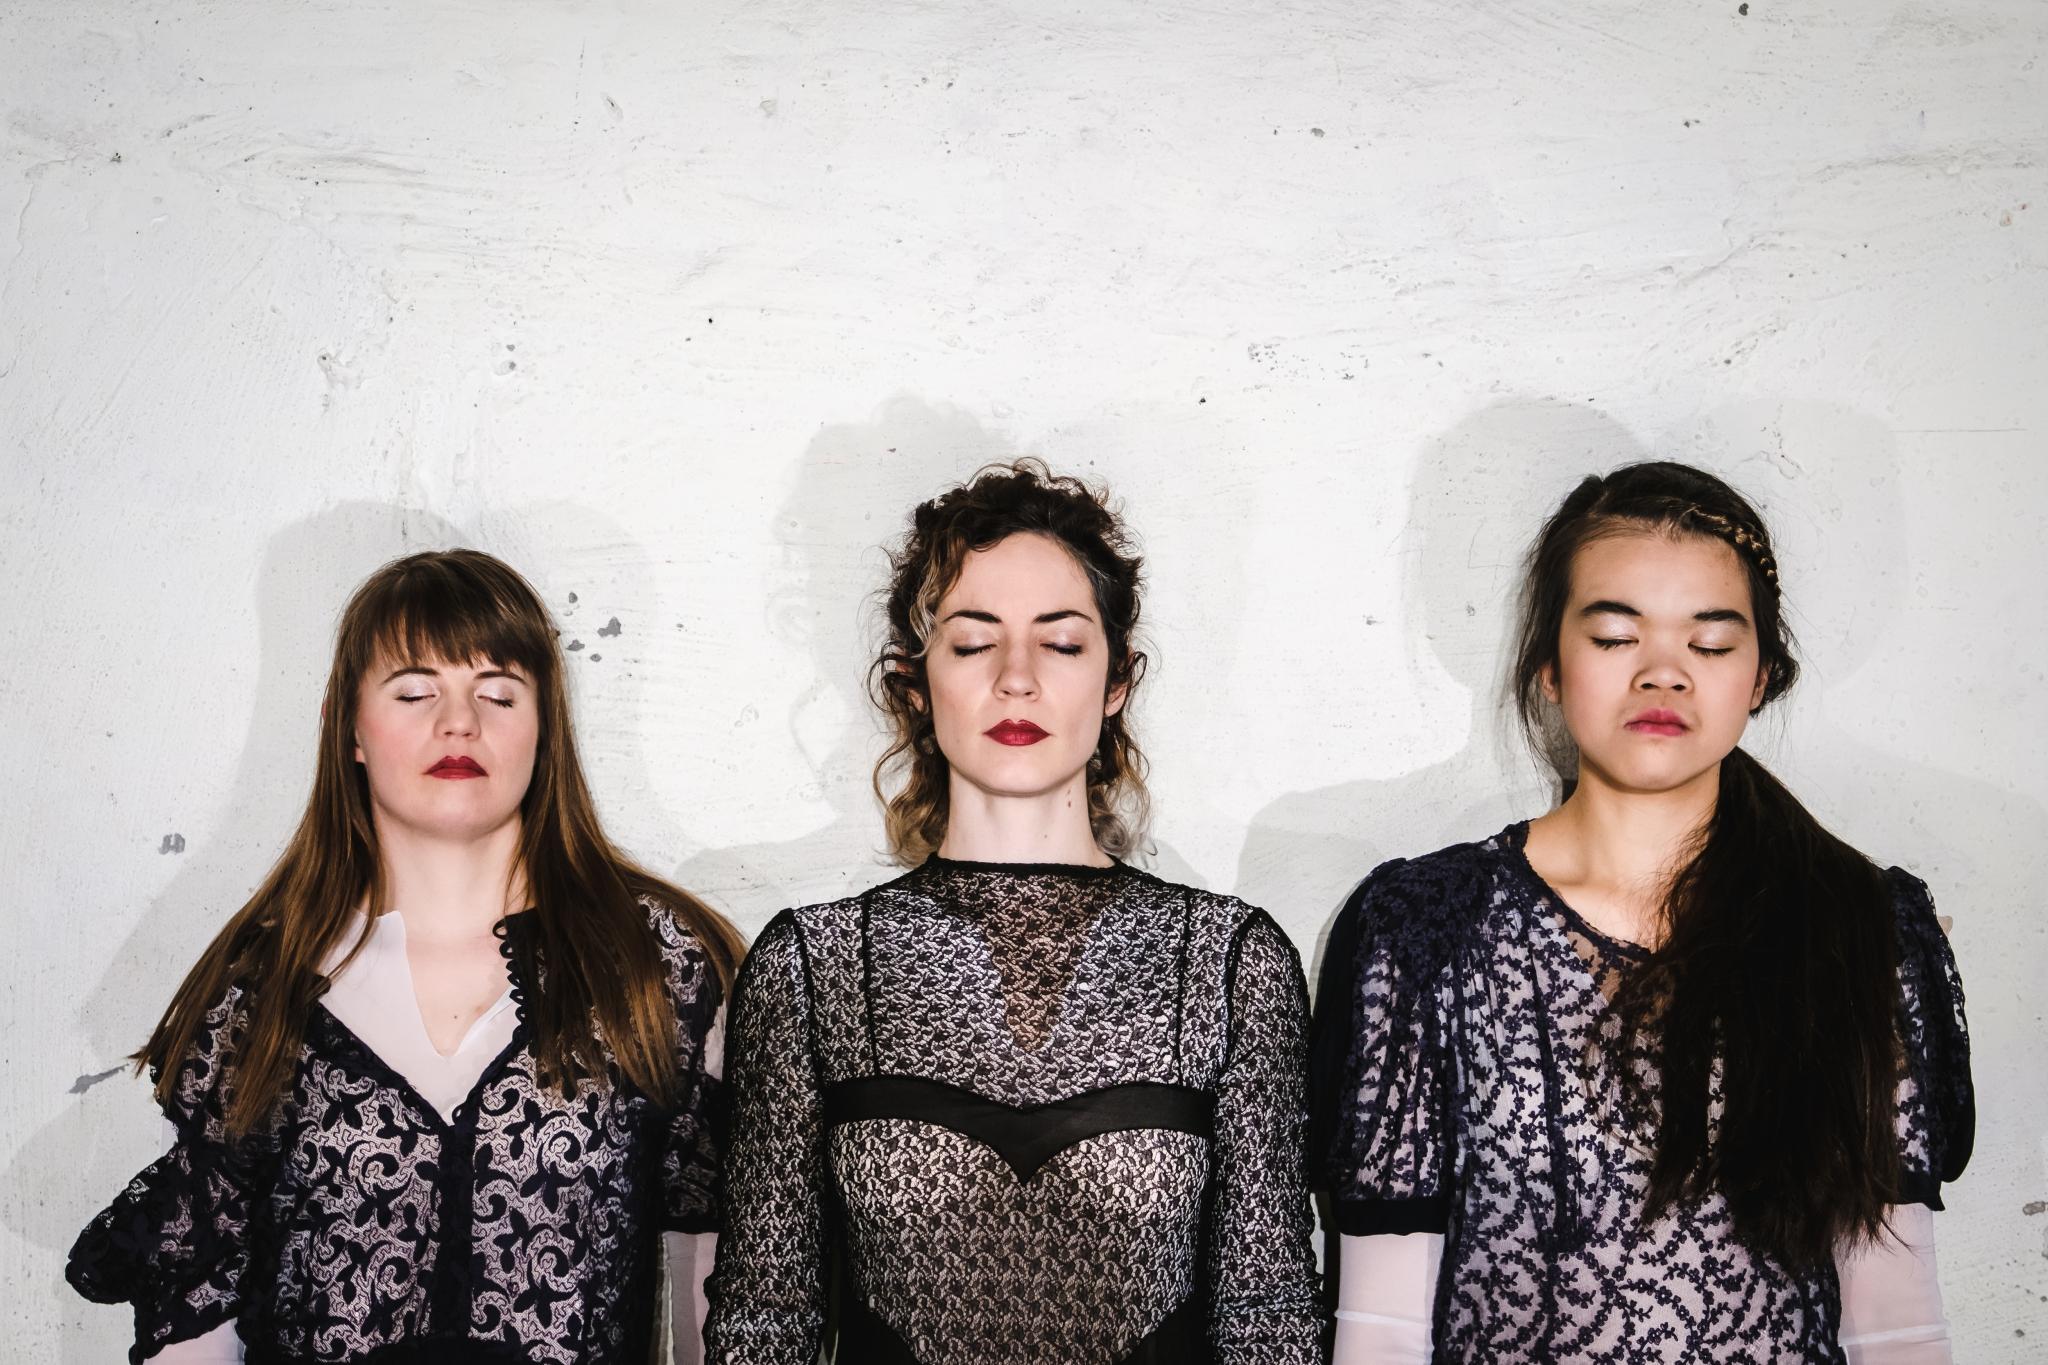 Drei Frauen stehen mit dem Rücken zur Wand. Nebeneinander. Ihre Körper und Gesichter sind dabei Richtung Kamera gerichtet. Ihre Augen sind geschlossen.